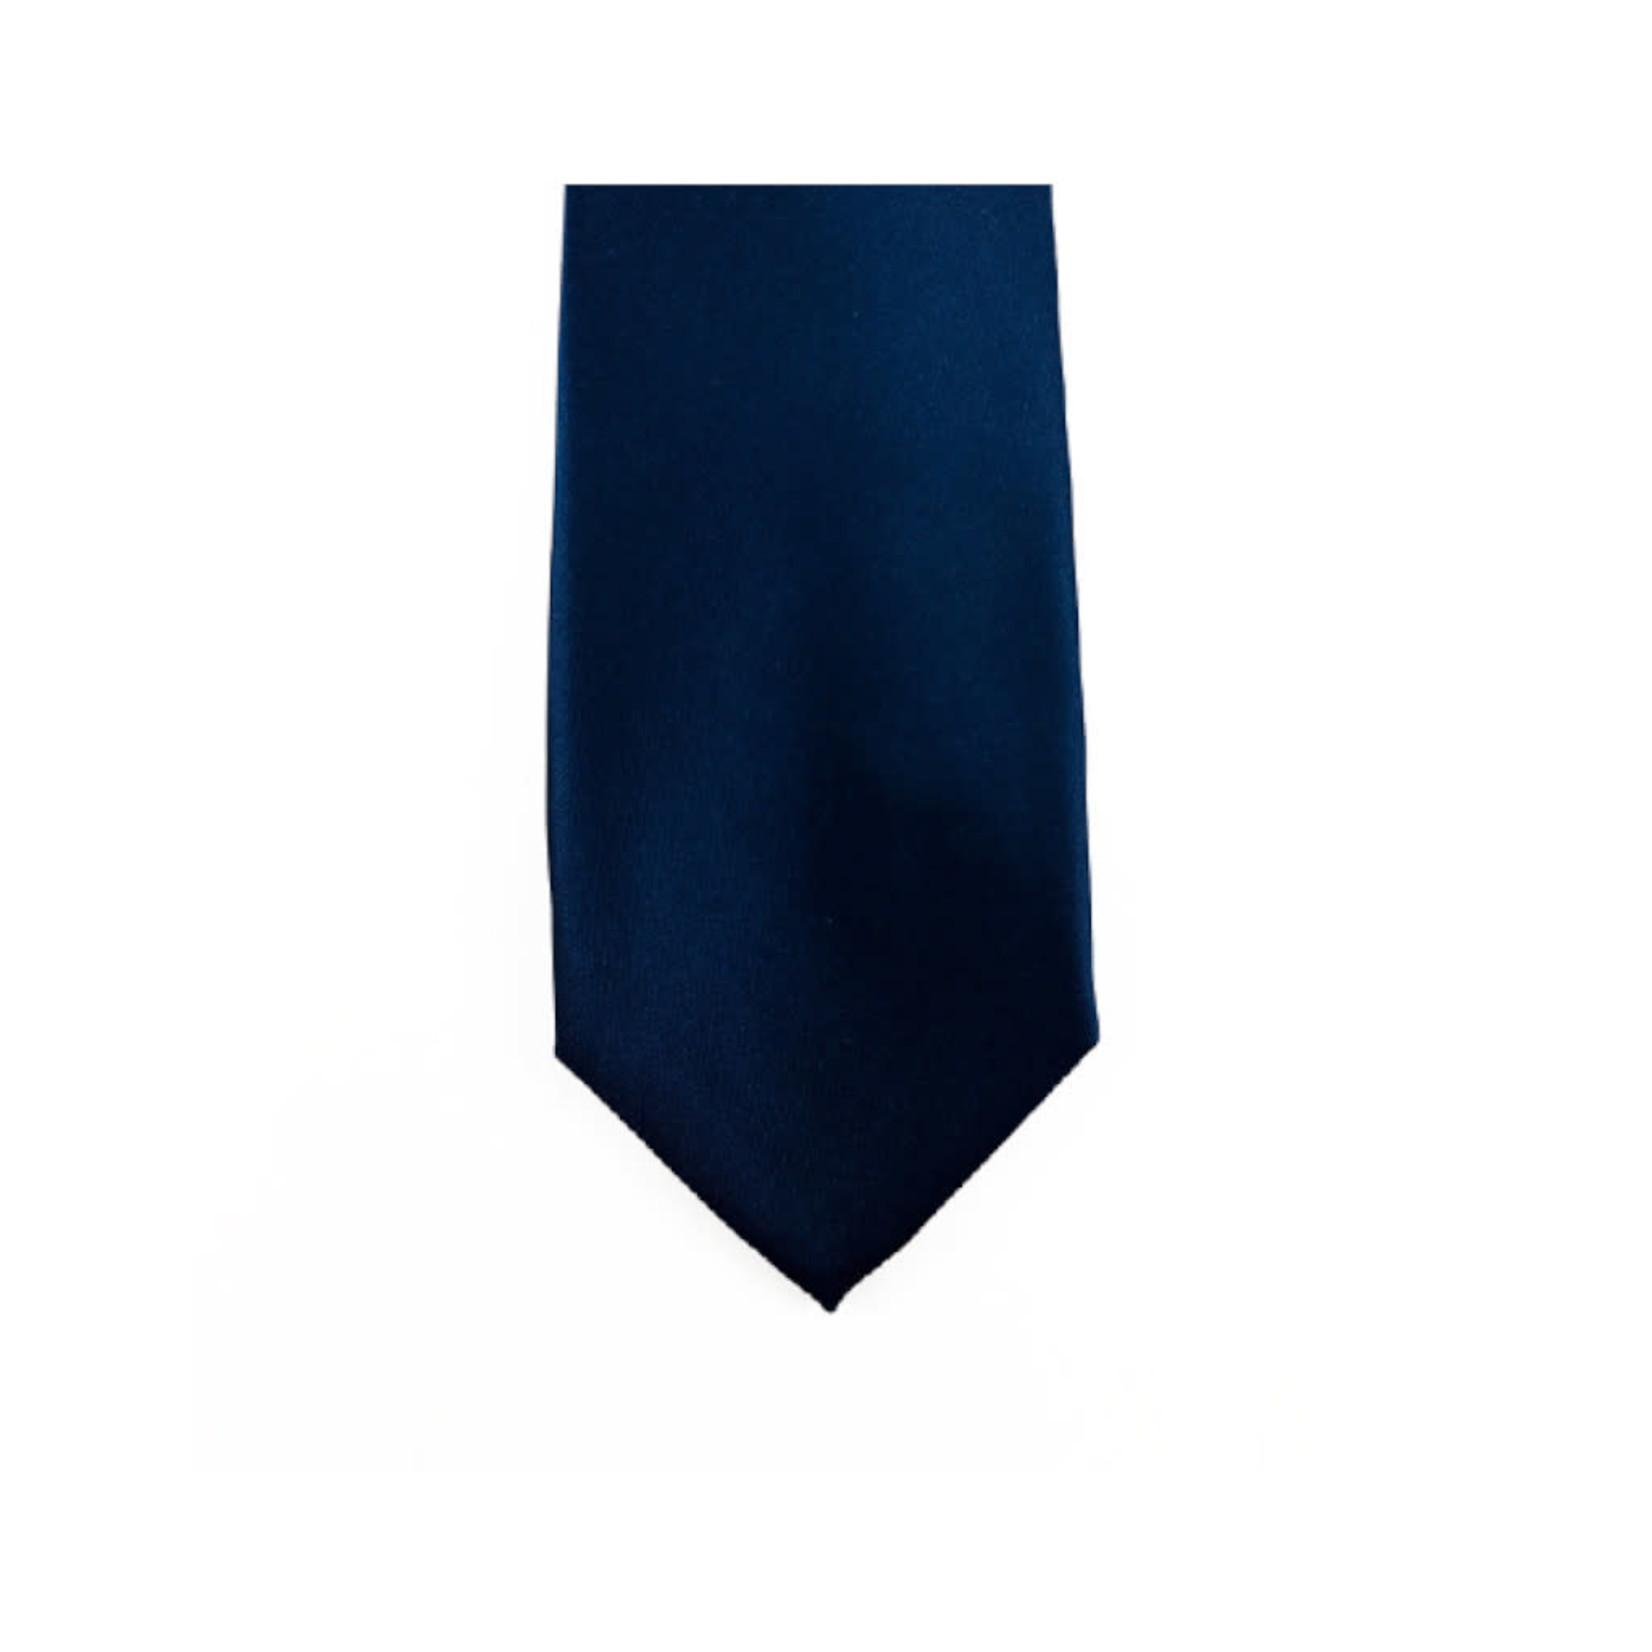 Knotz M100-2 Solid Navy Tie